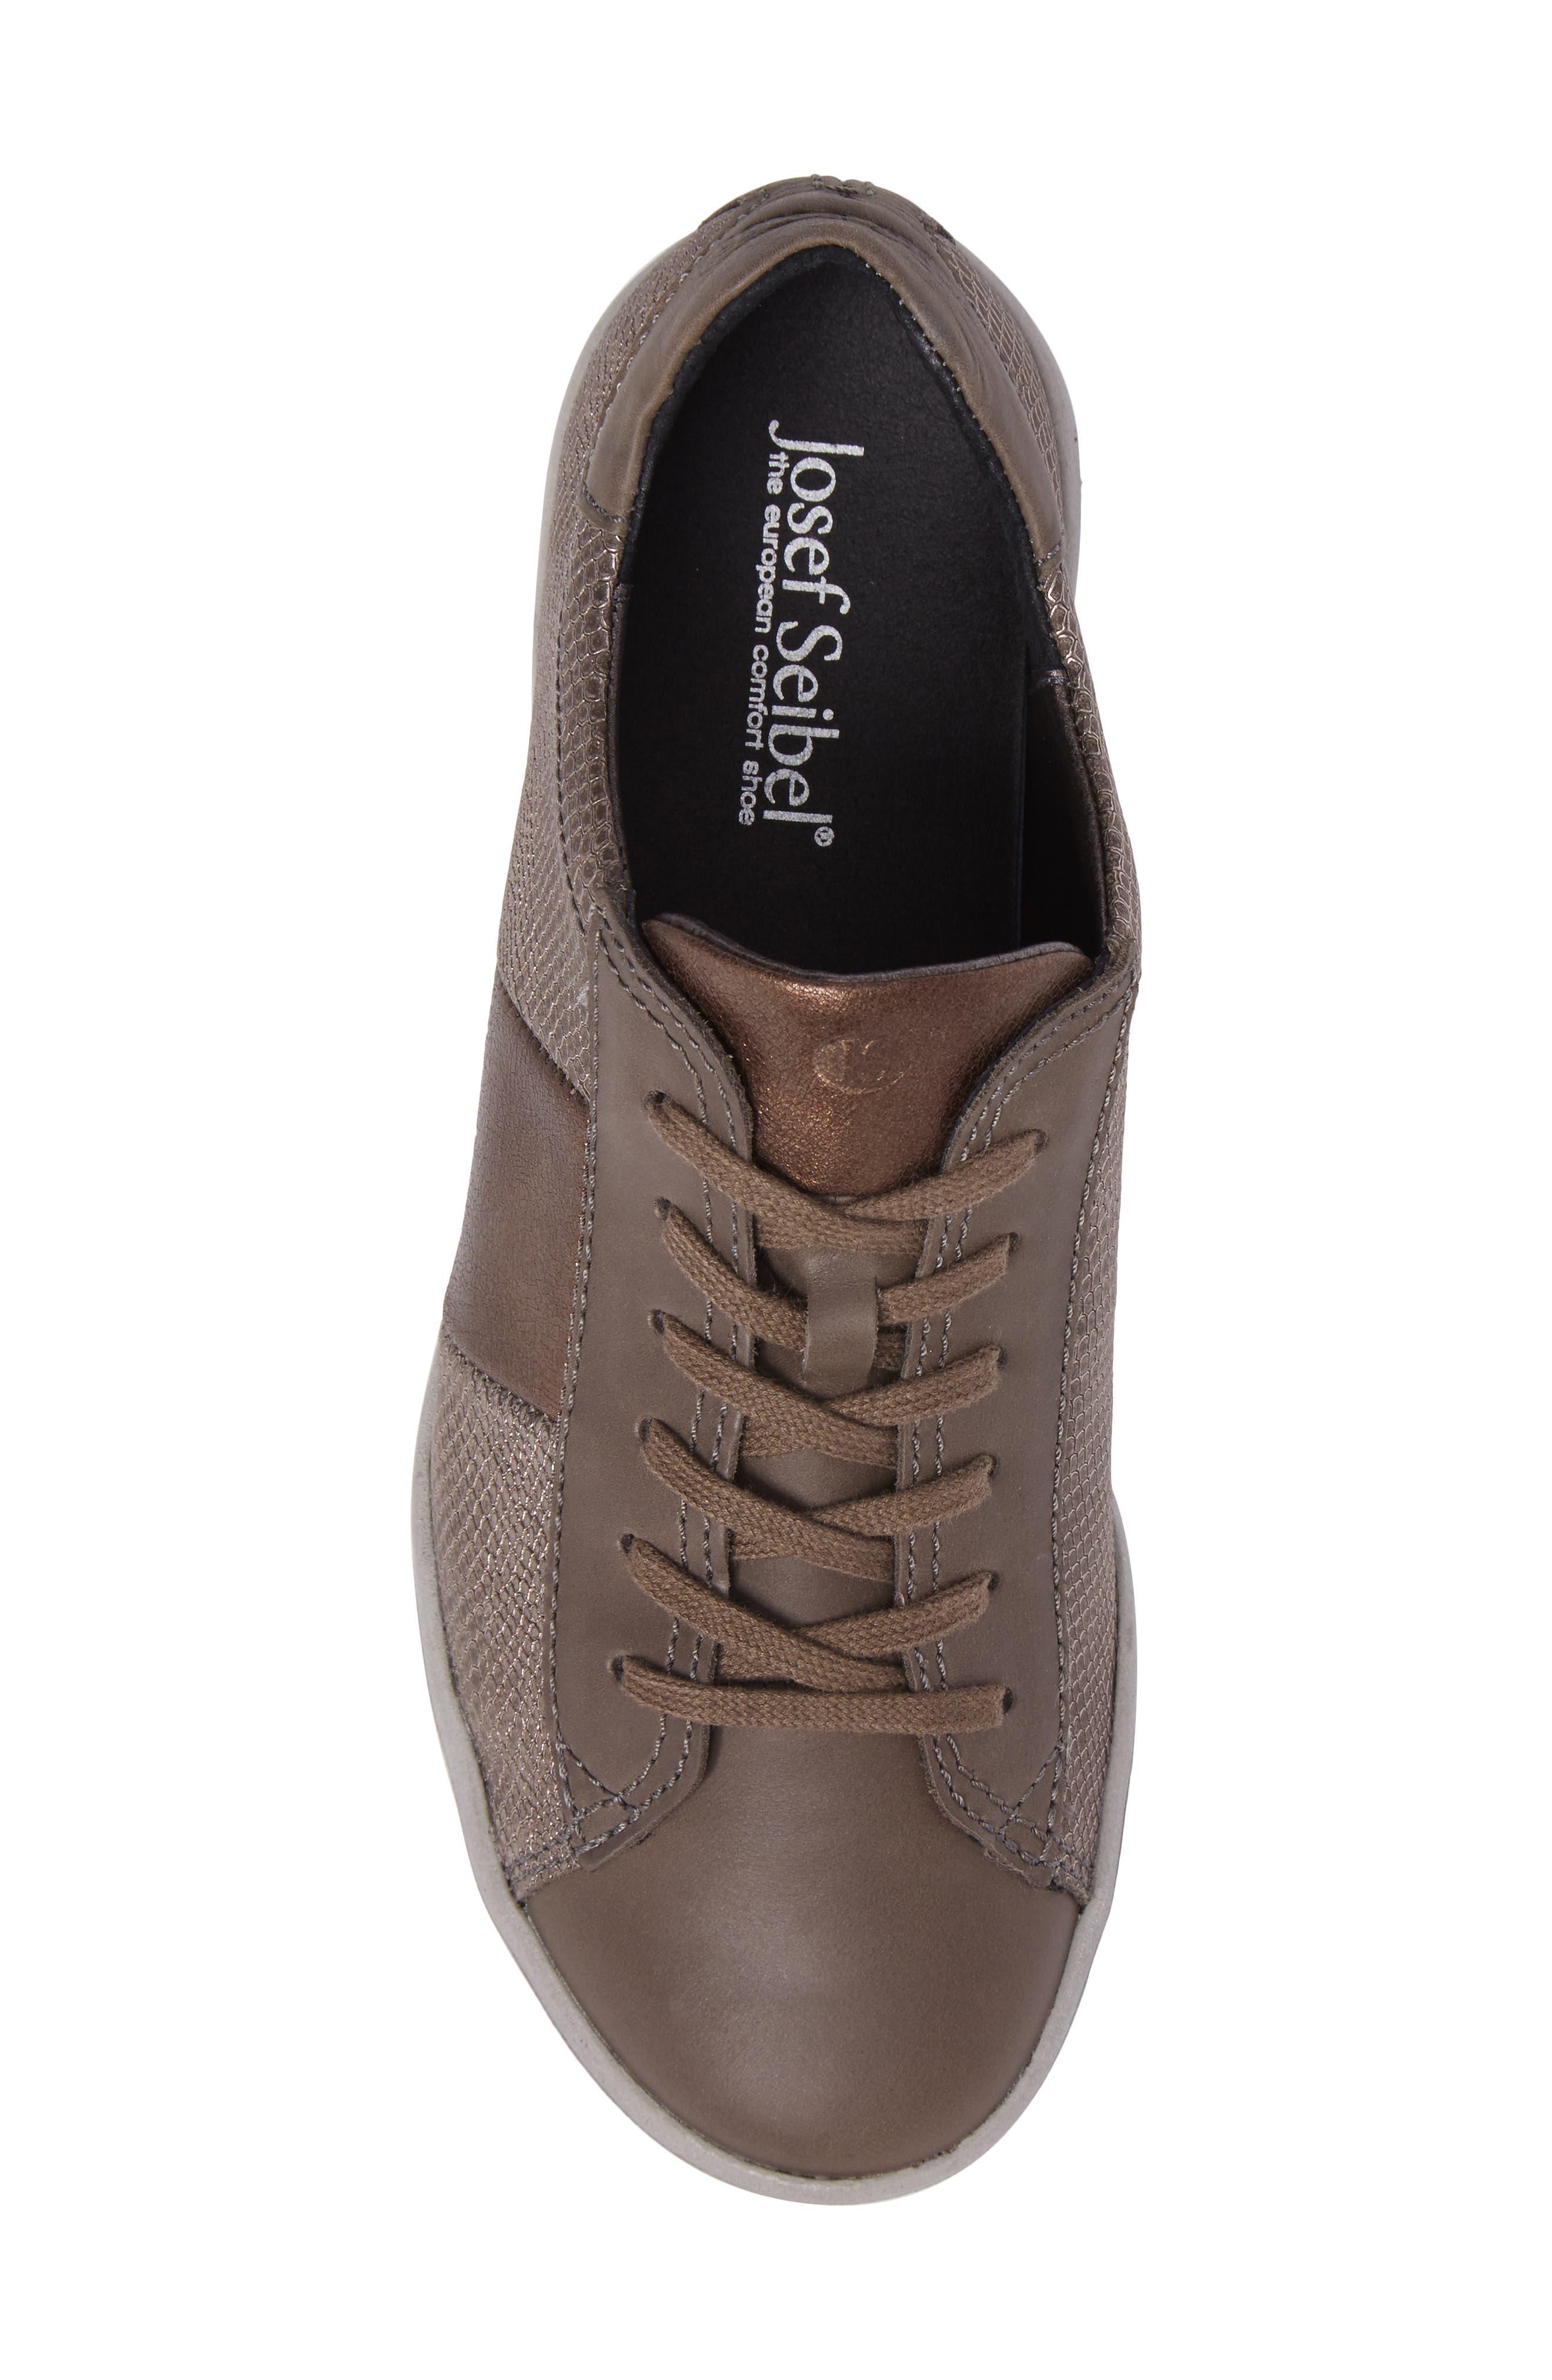 Sina 27 Sneaker,                             Alternate thumbnail 5, color,                             Asphalt/ Kombi Leather